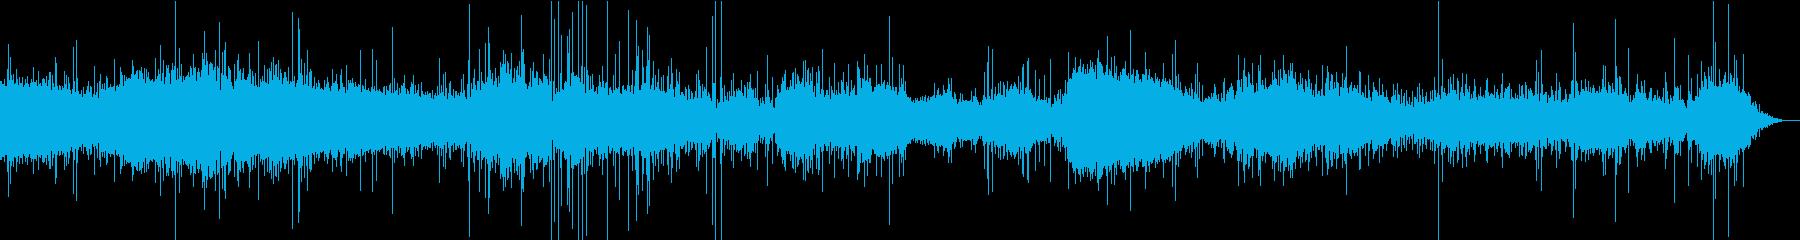 【生録音】キッチン環境音 揚げ焼き 1の再生済みの波形